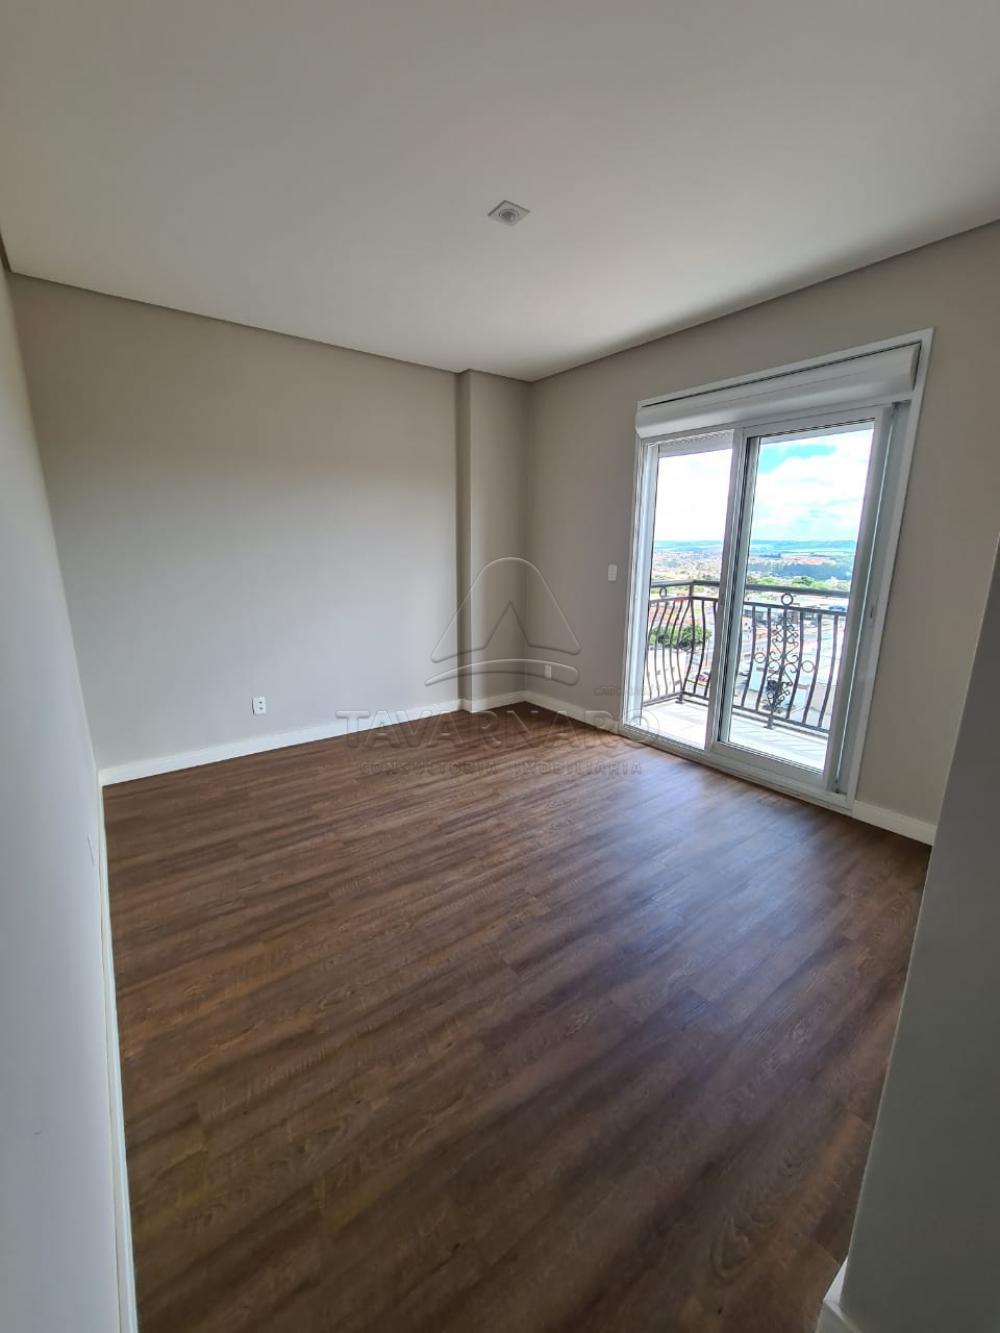 Comprar Apartamento / Padrão em Ponta Grossa R$ 1.100.000,00 - Foto 9